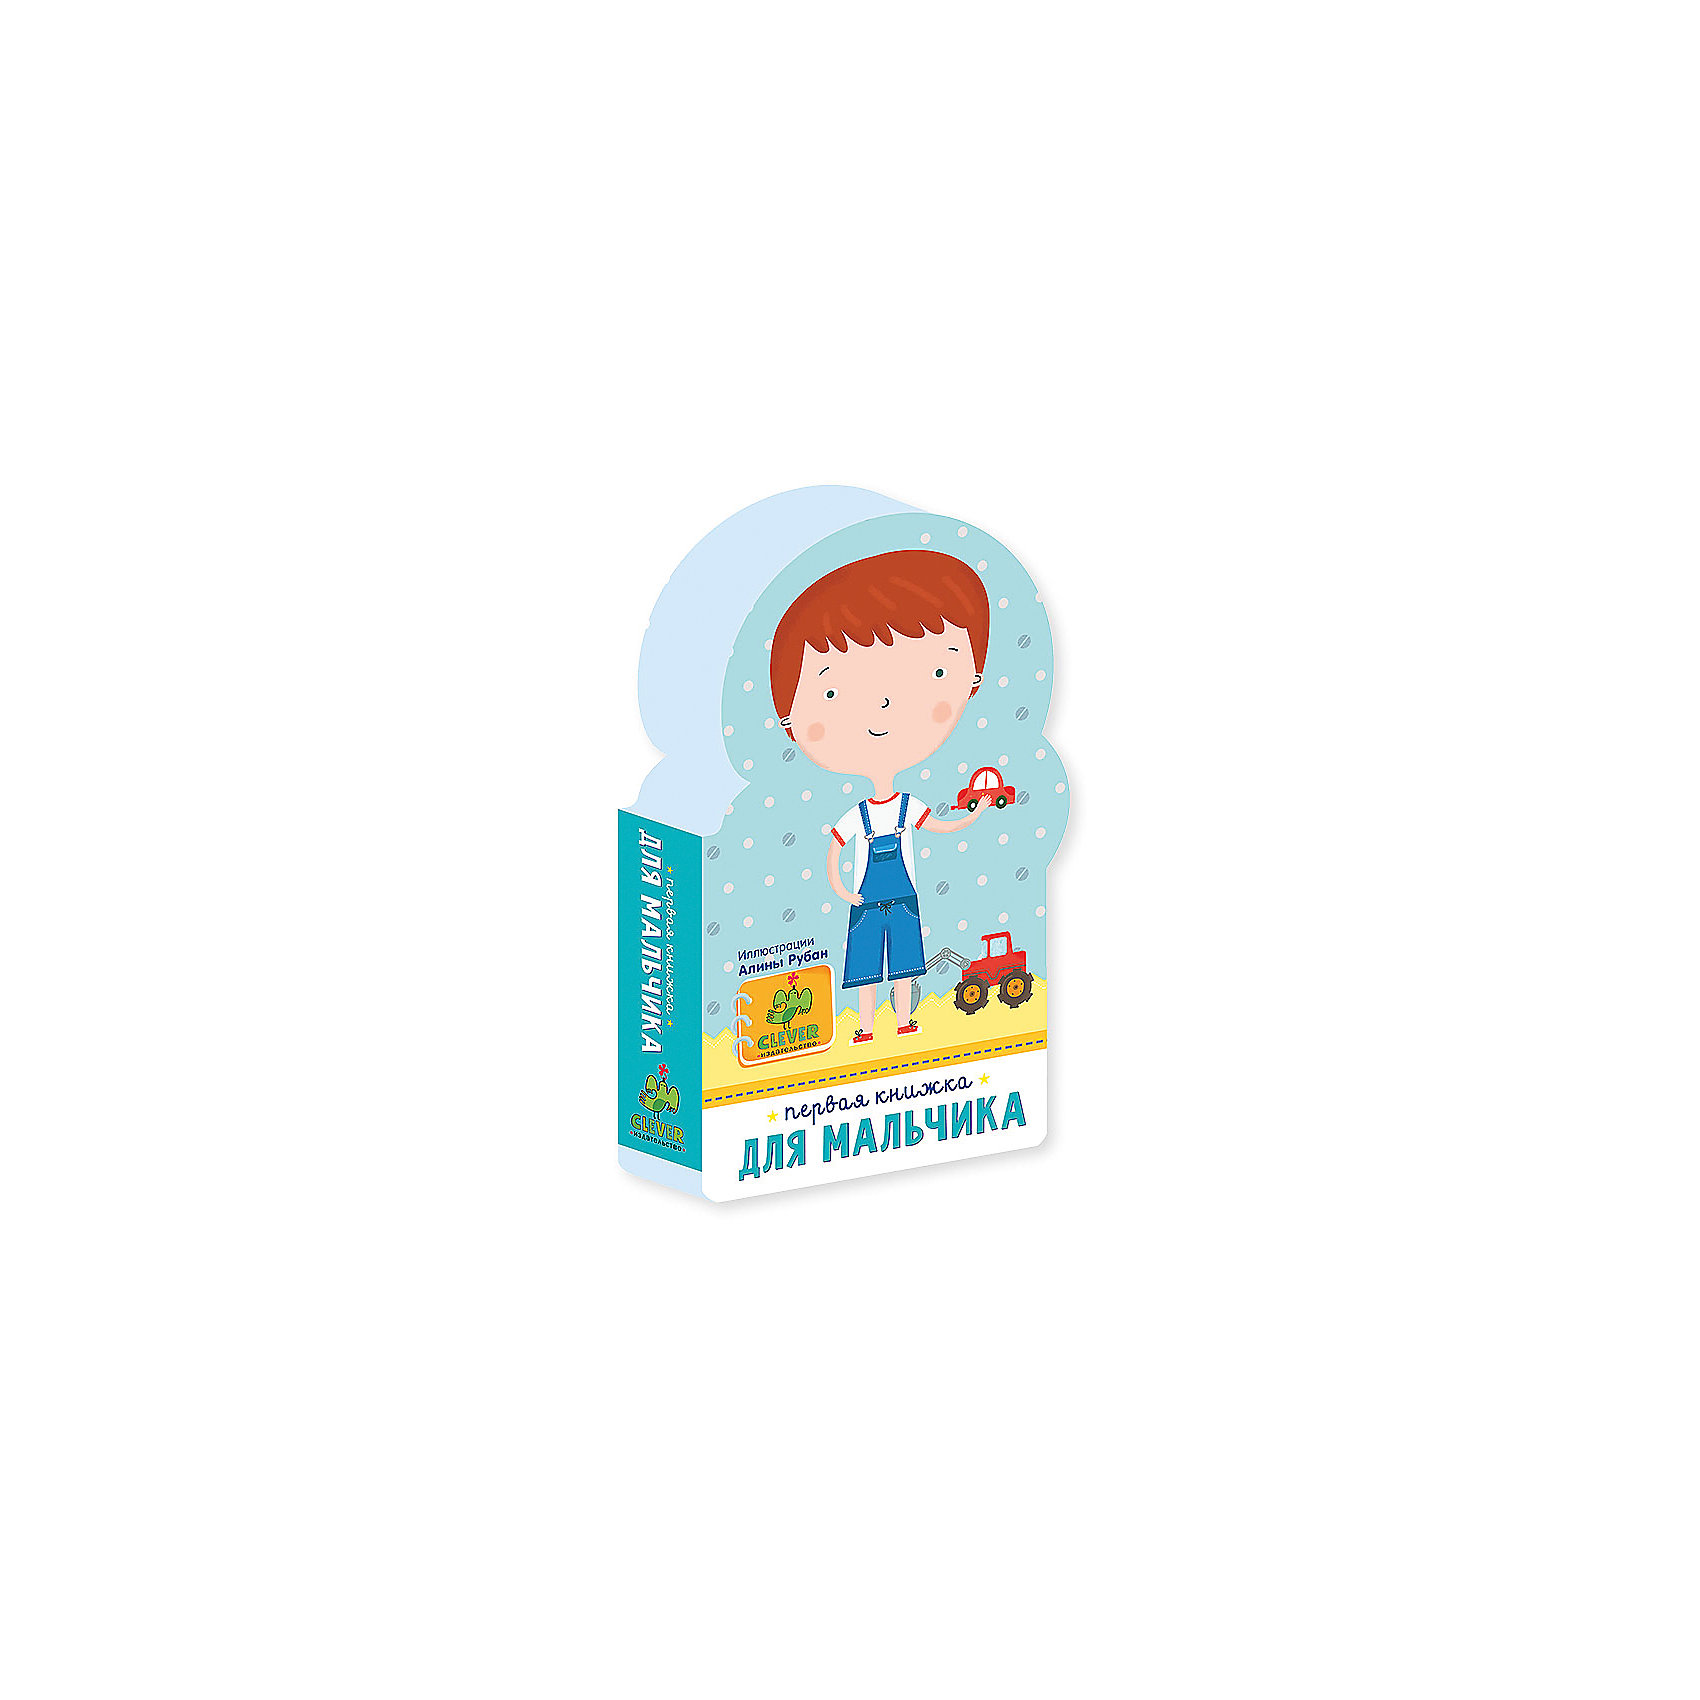 Книга Первая книжка для мальчикаCLEVER (КЛЕВЕР)<br>Чудесная красочная книжка Первая книжка для мальчика очень понравится маленьким мальчикам. Они с удовольствием будут переворачивать фигурные страницы, рассматривать яркие и детальные рисунки, узнавать знакомые ситуации и запоминать новые слова. На каждом развороте - новая тема: в детском саду, на празднике, на пляже, перед сном, на зарядке. Страницы выполнены из плотного материала EVA, их сложно порвать или испортить. Специальные округленные углы, небольшой формат, удобный для детских ручек, и яркие картинки делают это издание идеальной первой книжкой для малыша. Для детей 0-3 лет.<br><br>Дополнительная информация:<br><br>- Художник: Алина Рубан.<br>- Серия: Первые книжки малыша (EVA).  <br>- Переплет: картонная обложка.<br>- Иллюстрации: цветные.<br>- Объем: 8 стр. (ПВХ). <br>- Размер: 17,7 x 10,3 x 2,8 см.<br>- Вес: 100 гр. <br><br>Книгу Первая книжка для мальчика, Клевер Медиа Групп, можно купить в нашем интернет-магазине.<br><br>Ширина мм: 109<br>Глубина мм: 170<br>Высота мм: 25<br>Вес г: 103<br>Возраст от месяцев: 0<br>Возраст до месяцев: 36<br>Пол: Мужской<br>Возраст: Детский<br>SKU: 4544944